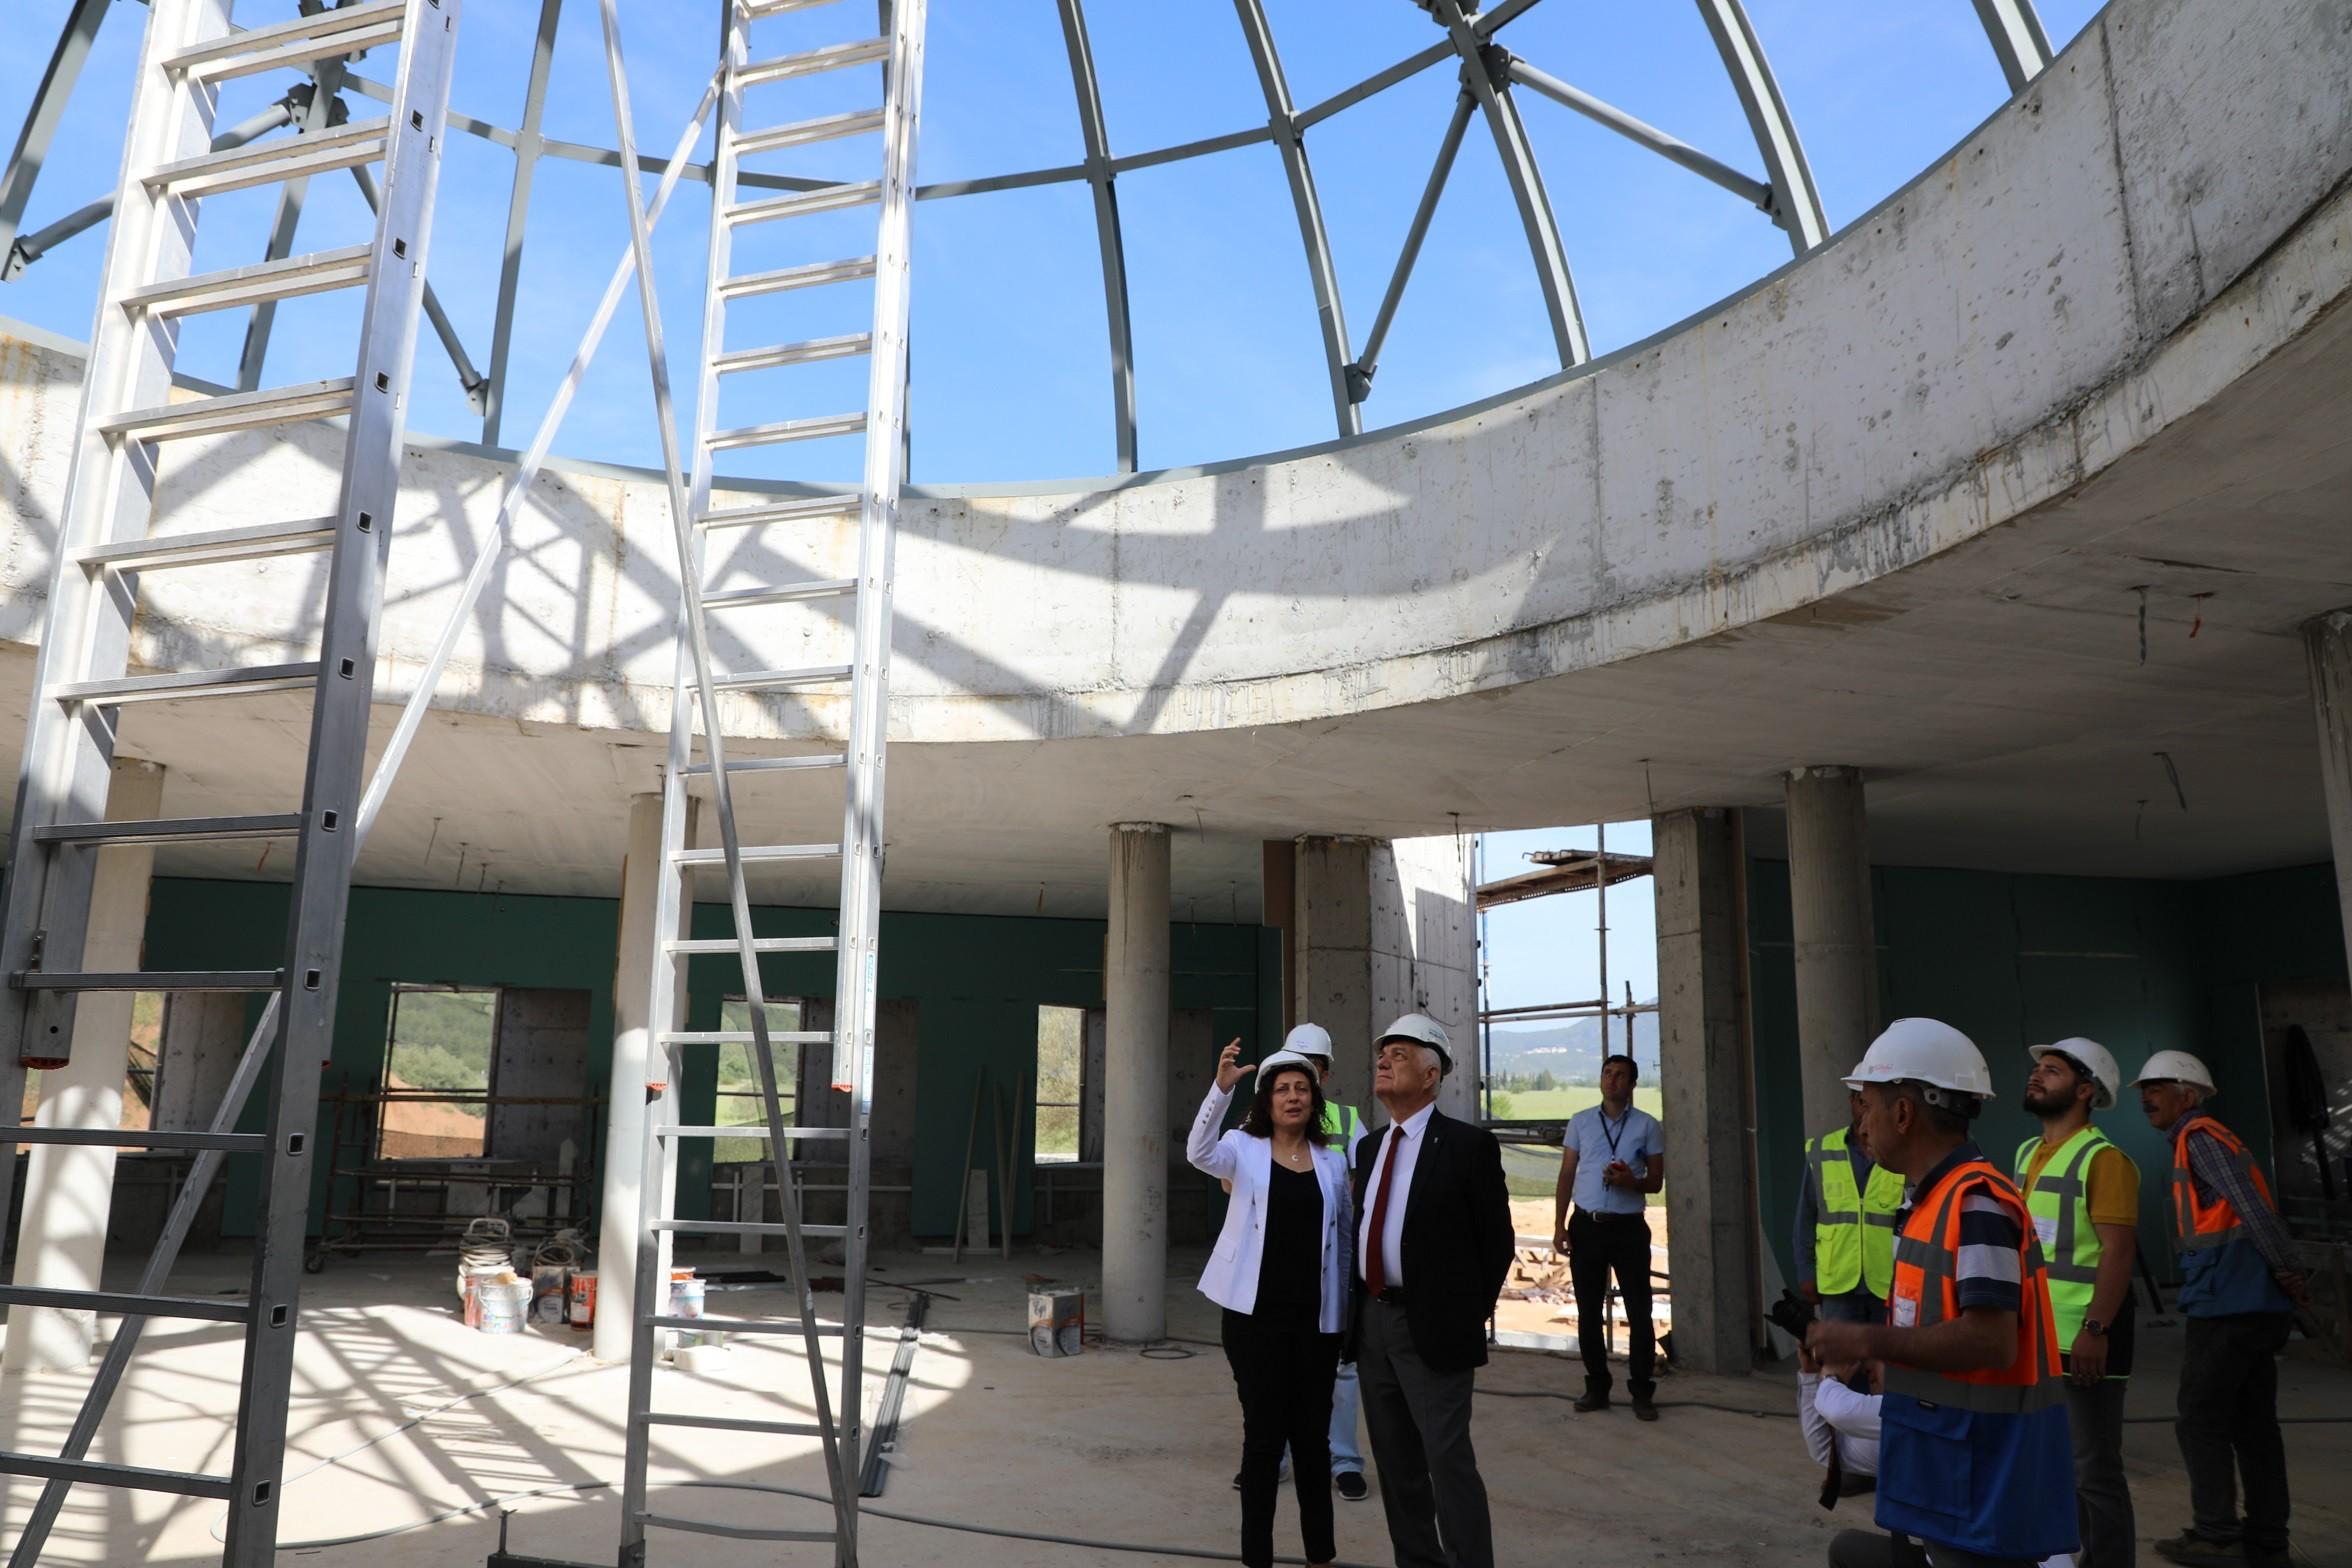 muğla bölge müzesi BÖLGE MÜZESİ YAZ SONUNDA HİZMETE GİRECEK… mugla bolge muzesi tamalaniyor 1